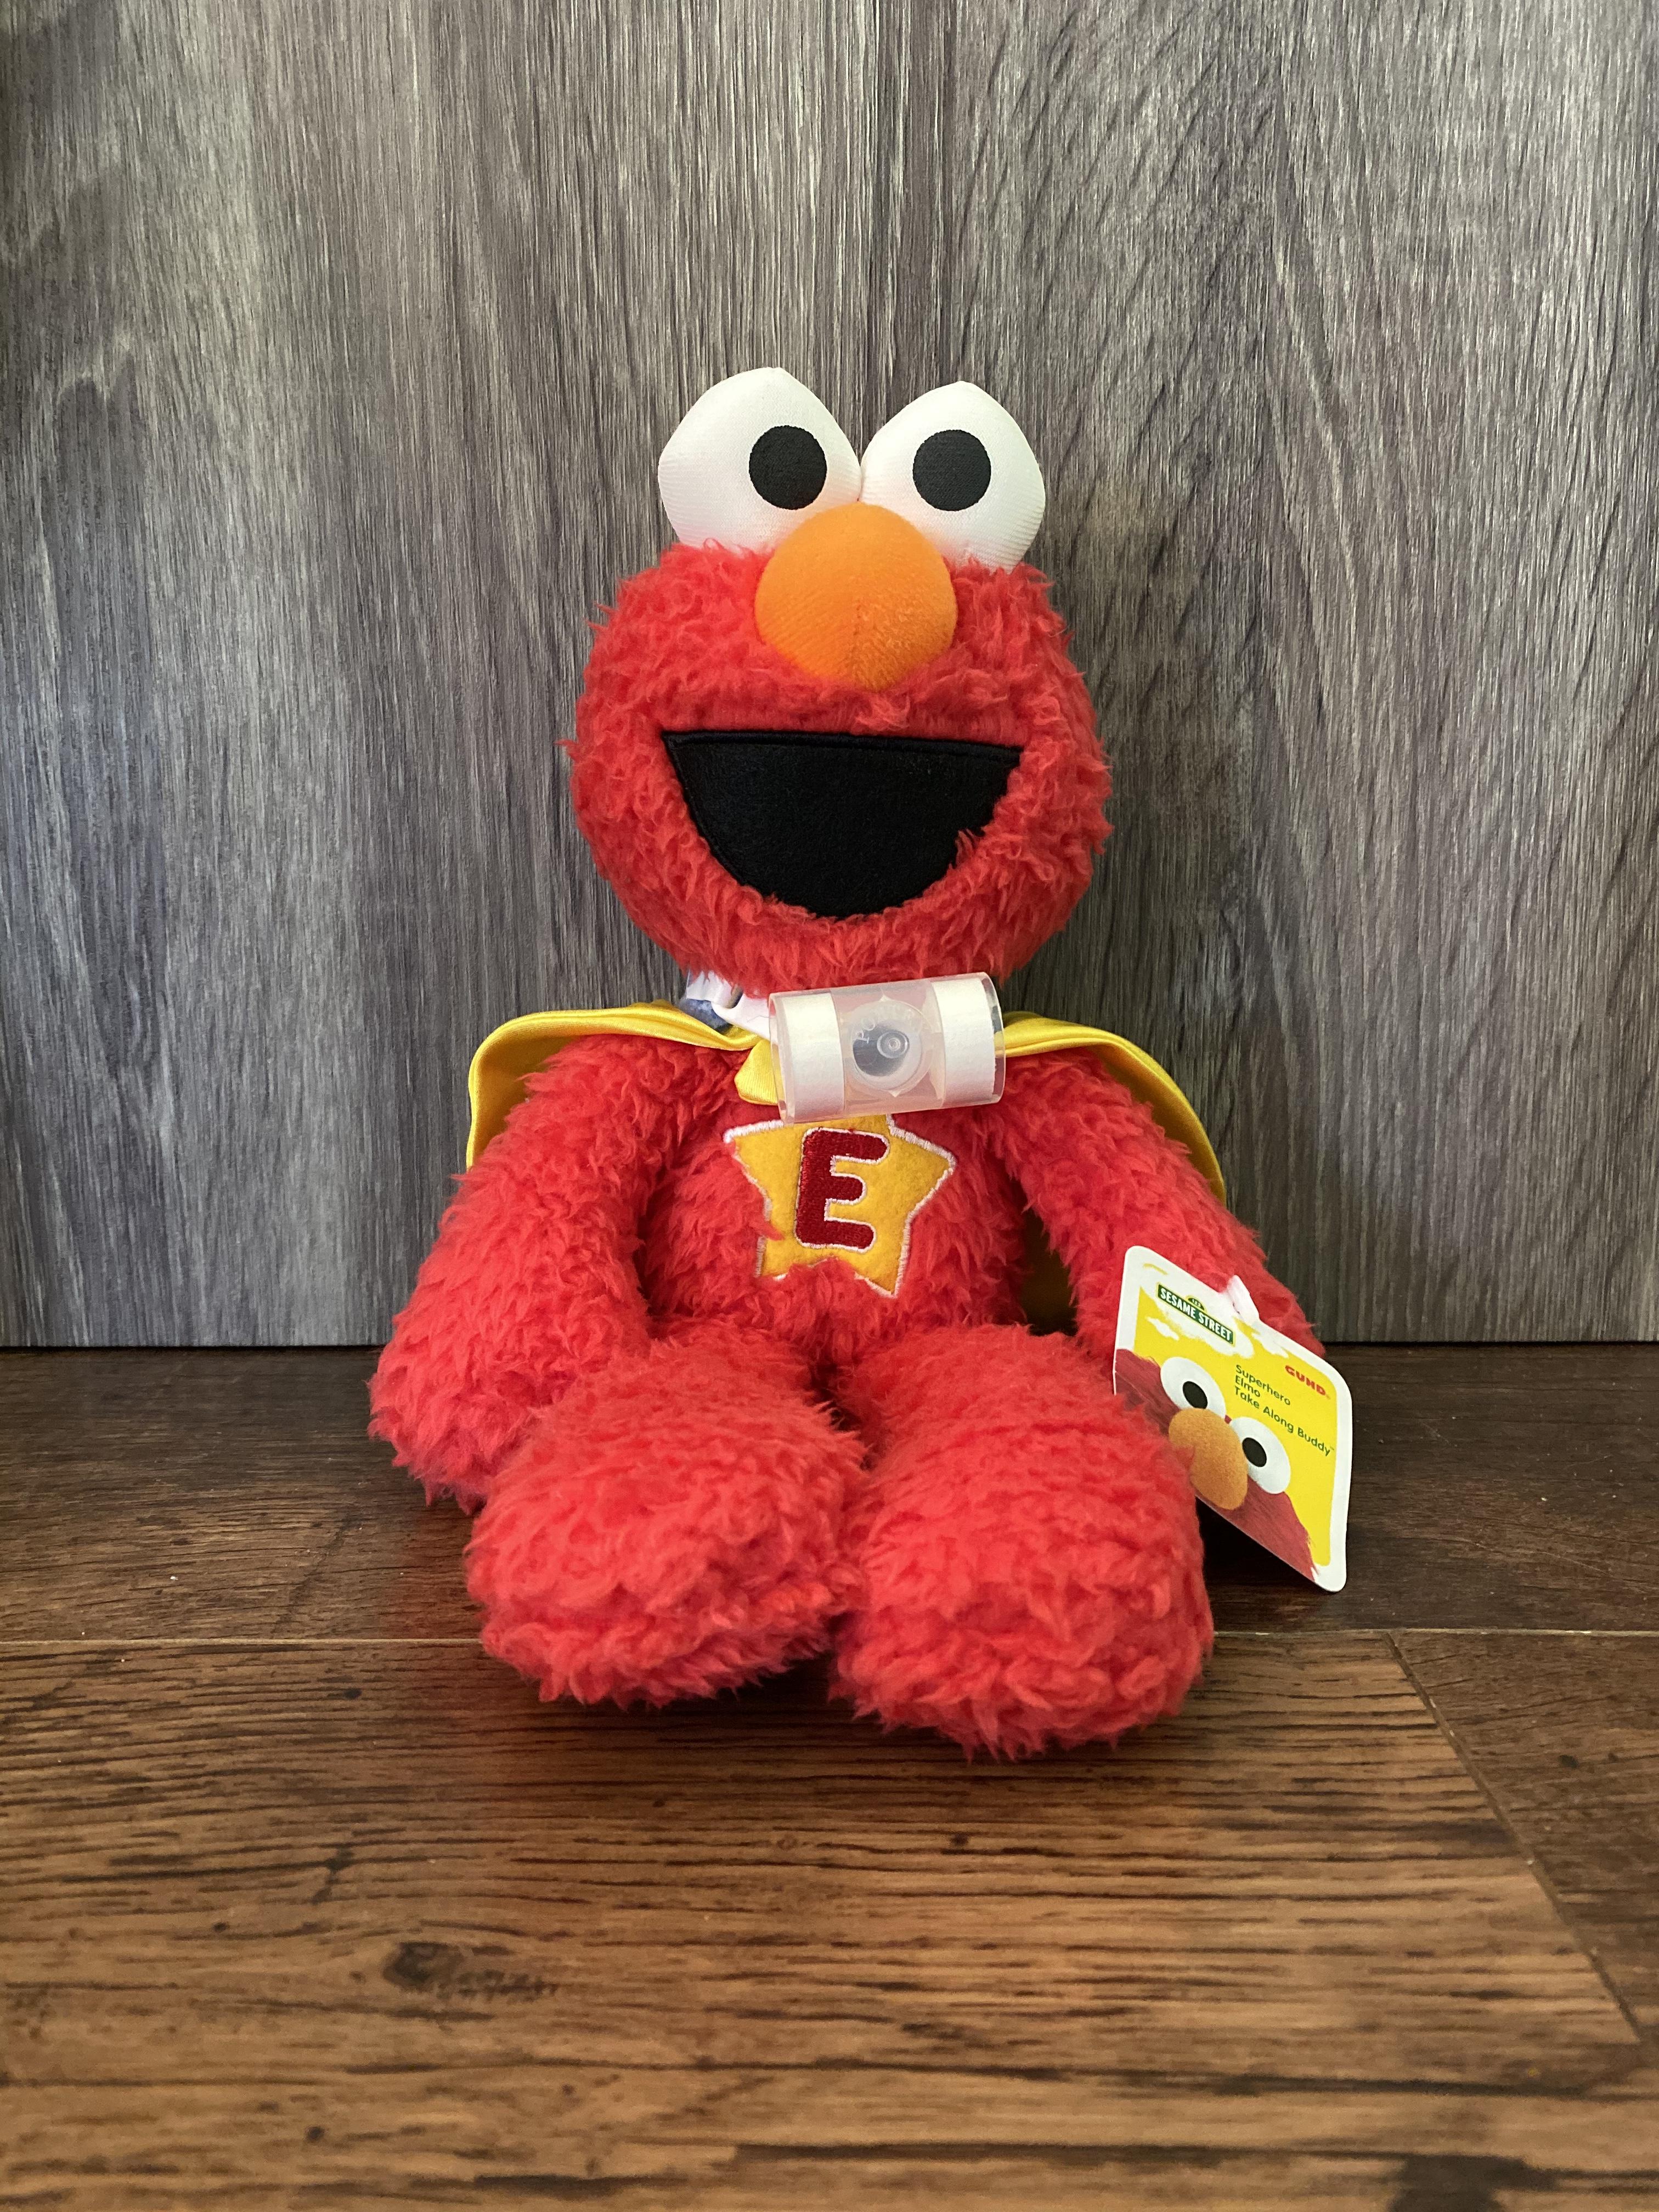 Elmo with a trach